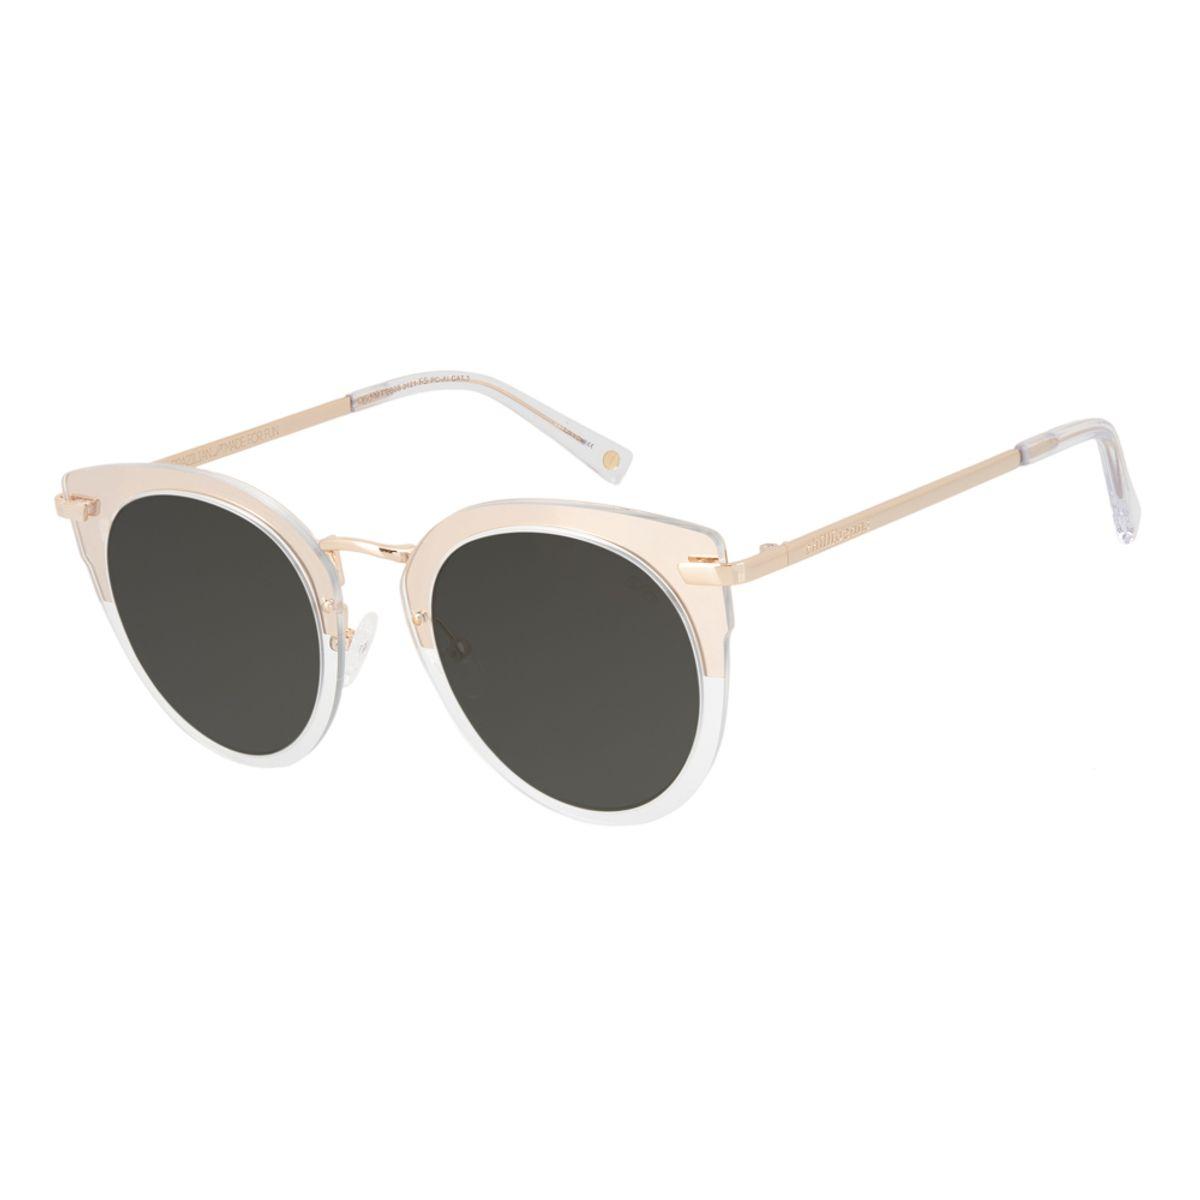 251bf6b53 Óculos de Sol Feminino Chilli Beans Máxi Gatinho Dourado ...